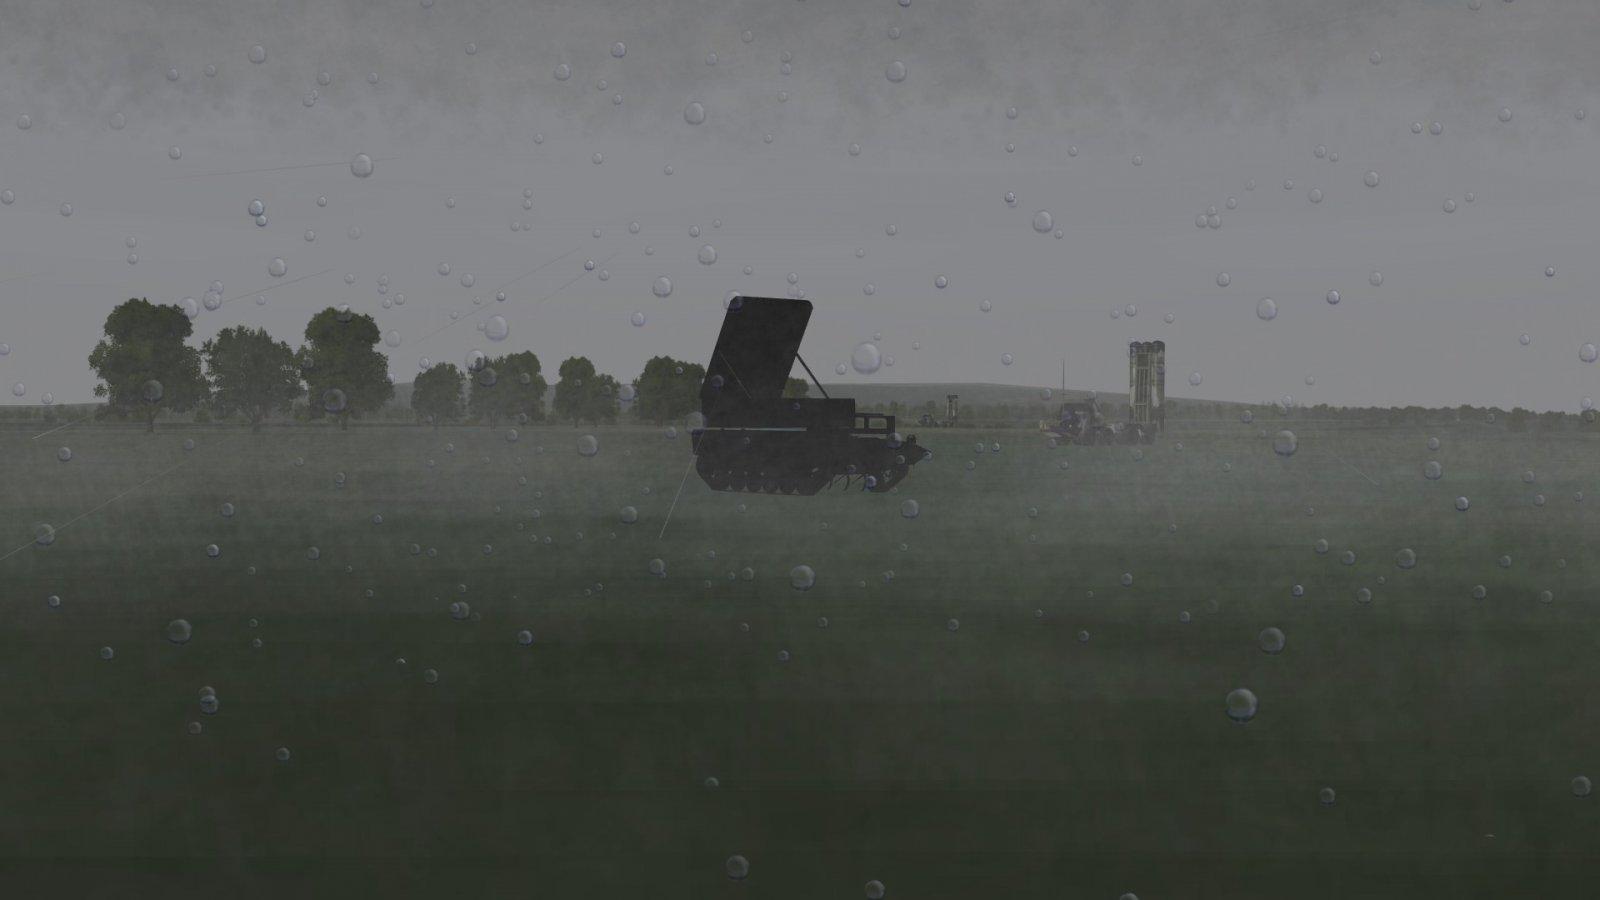 SA-10/S-300 SAM Site